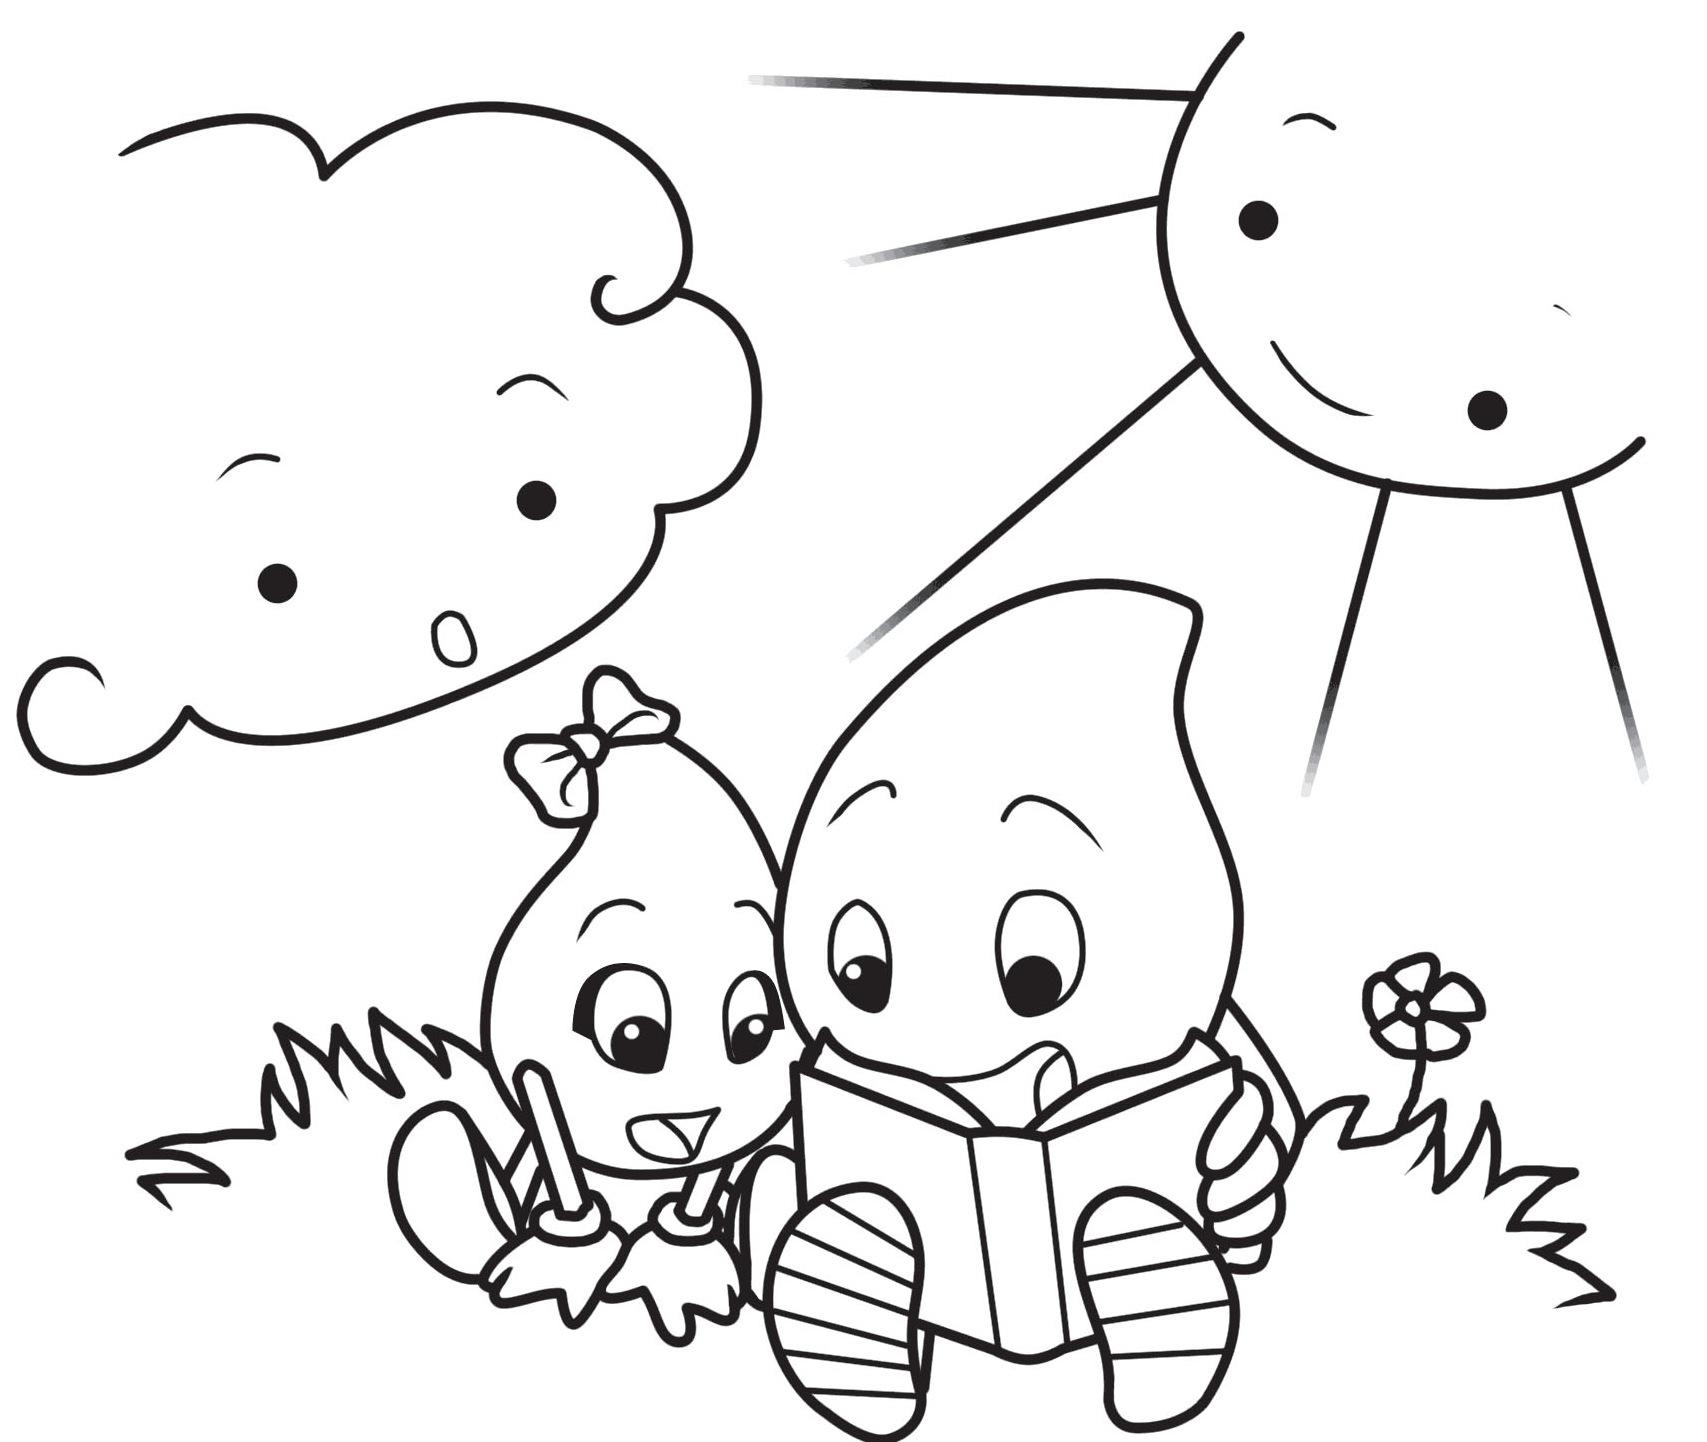 Libri 17 disegni per bambini da colorare - Libri da colorare gratuiti da stampare ...